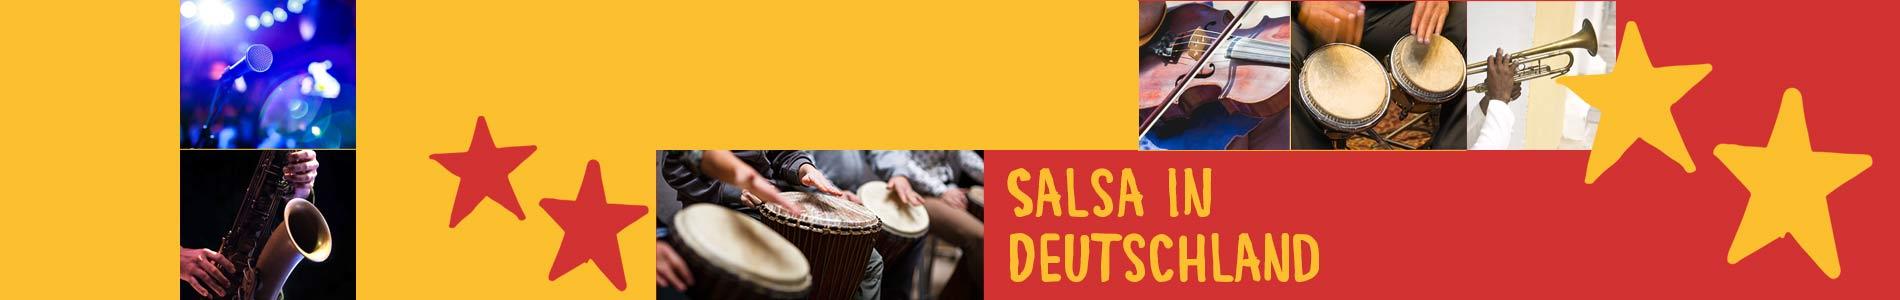 Salsa in Britten – Salsa lernen und tanzen, Tanzkurse, Partys, Veranstaltungen